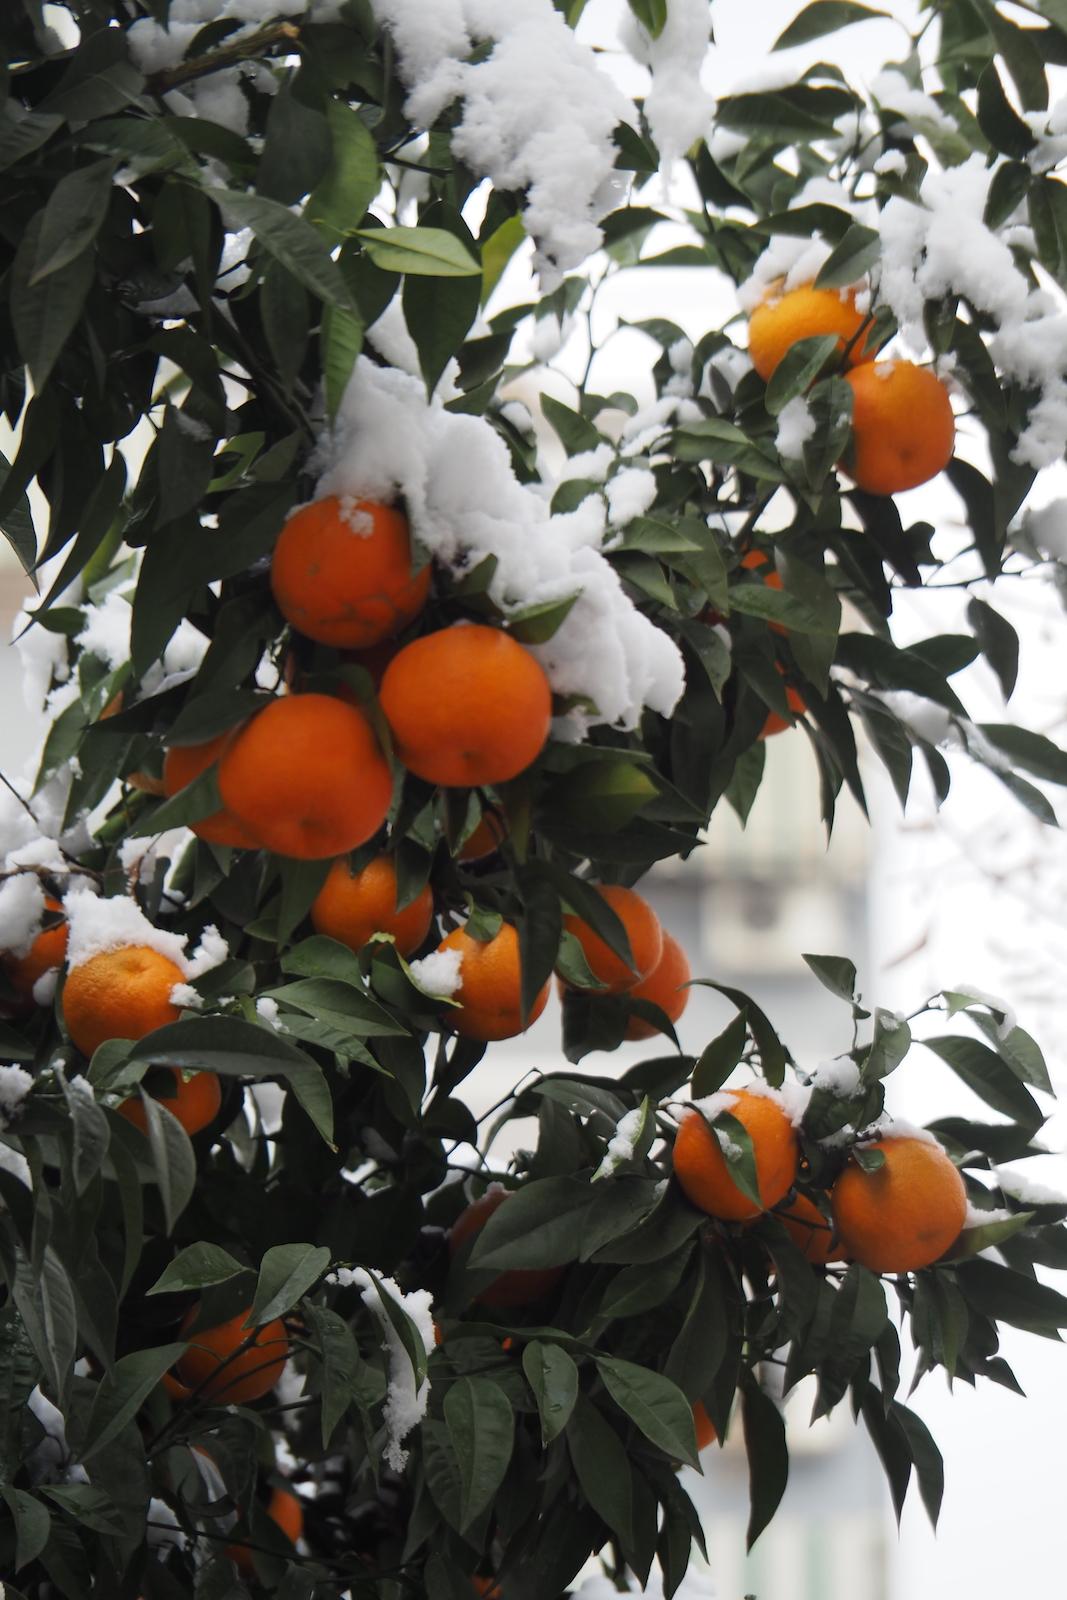 Mandarinen mit Schnee bedeckt